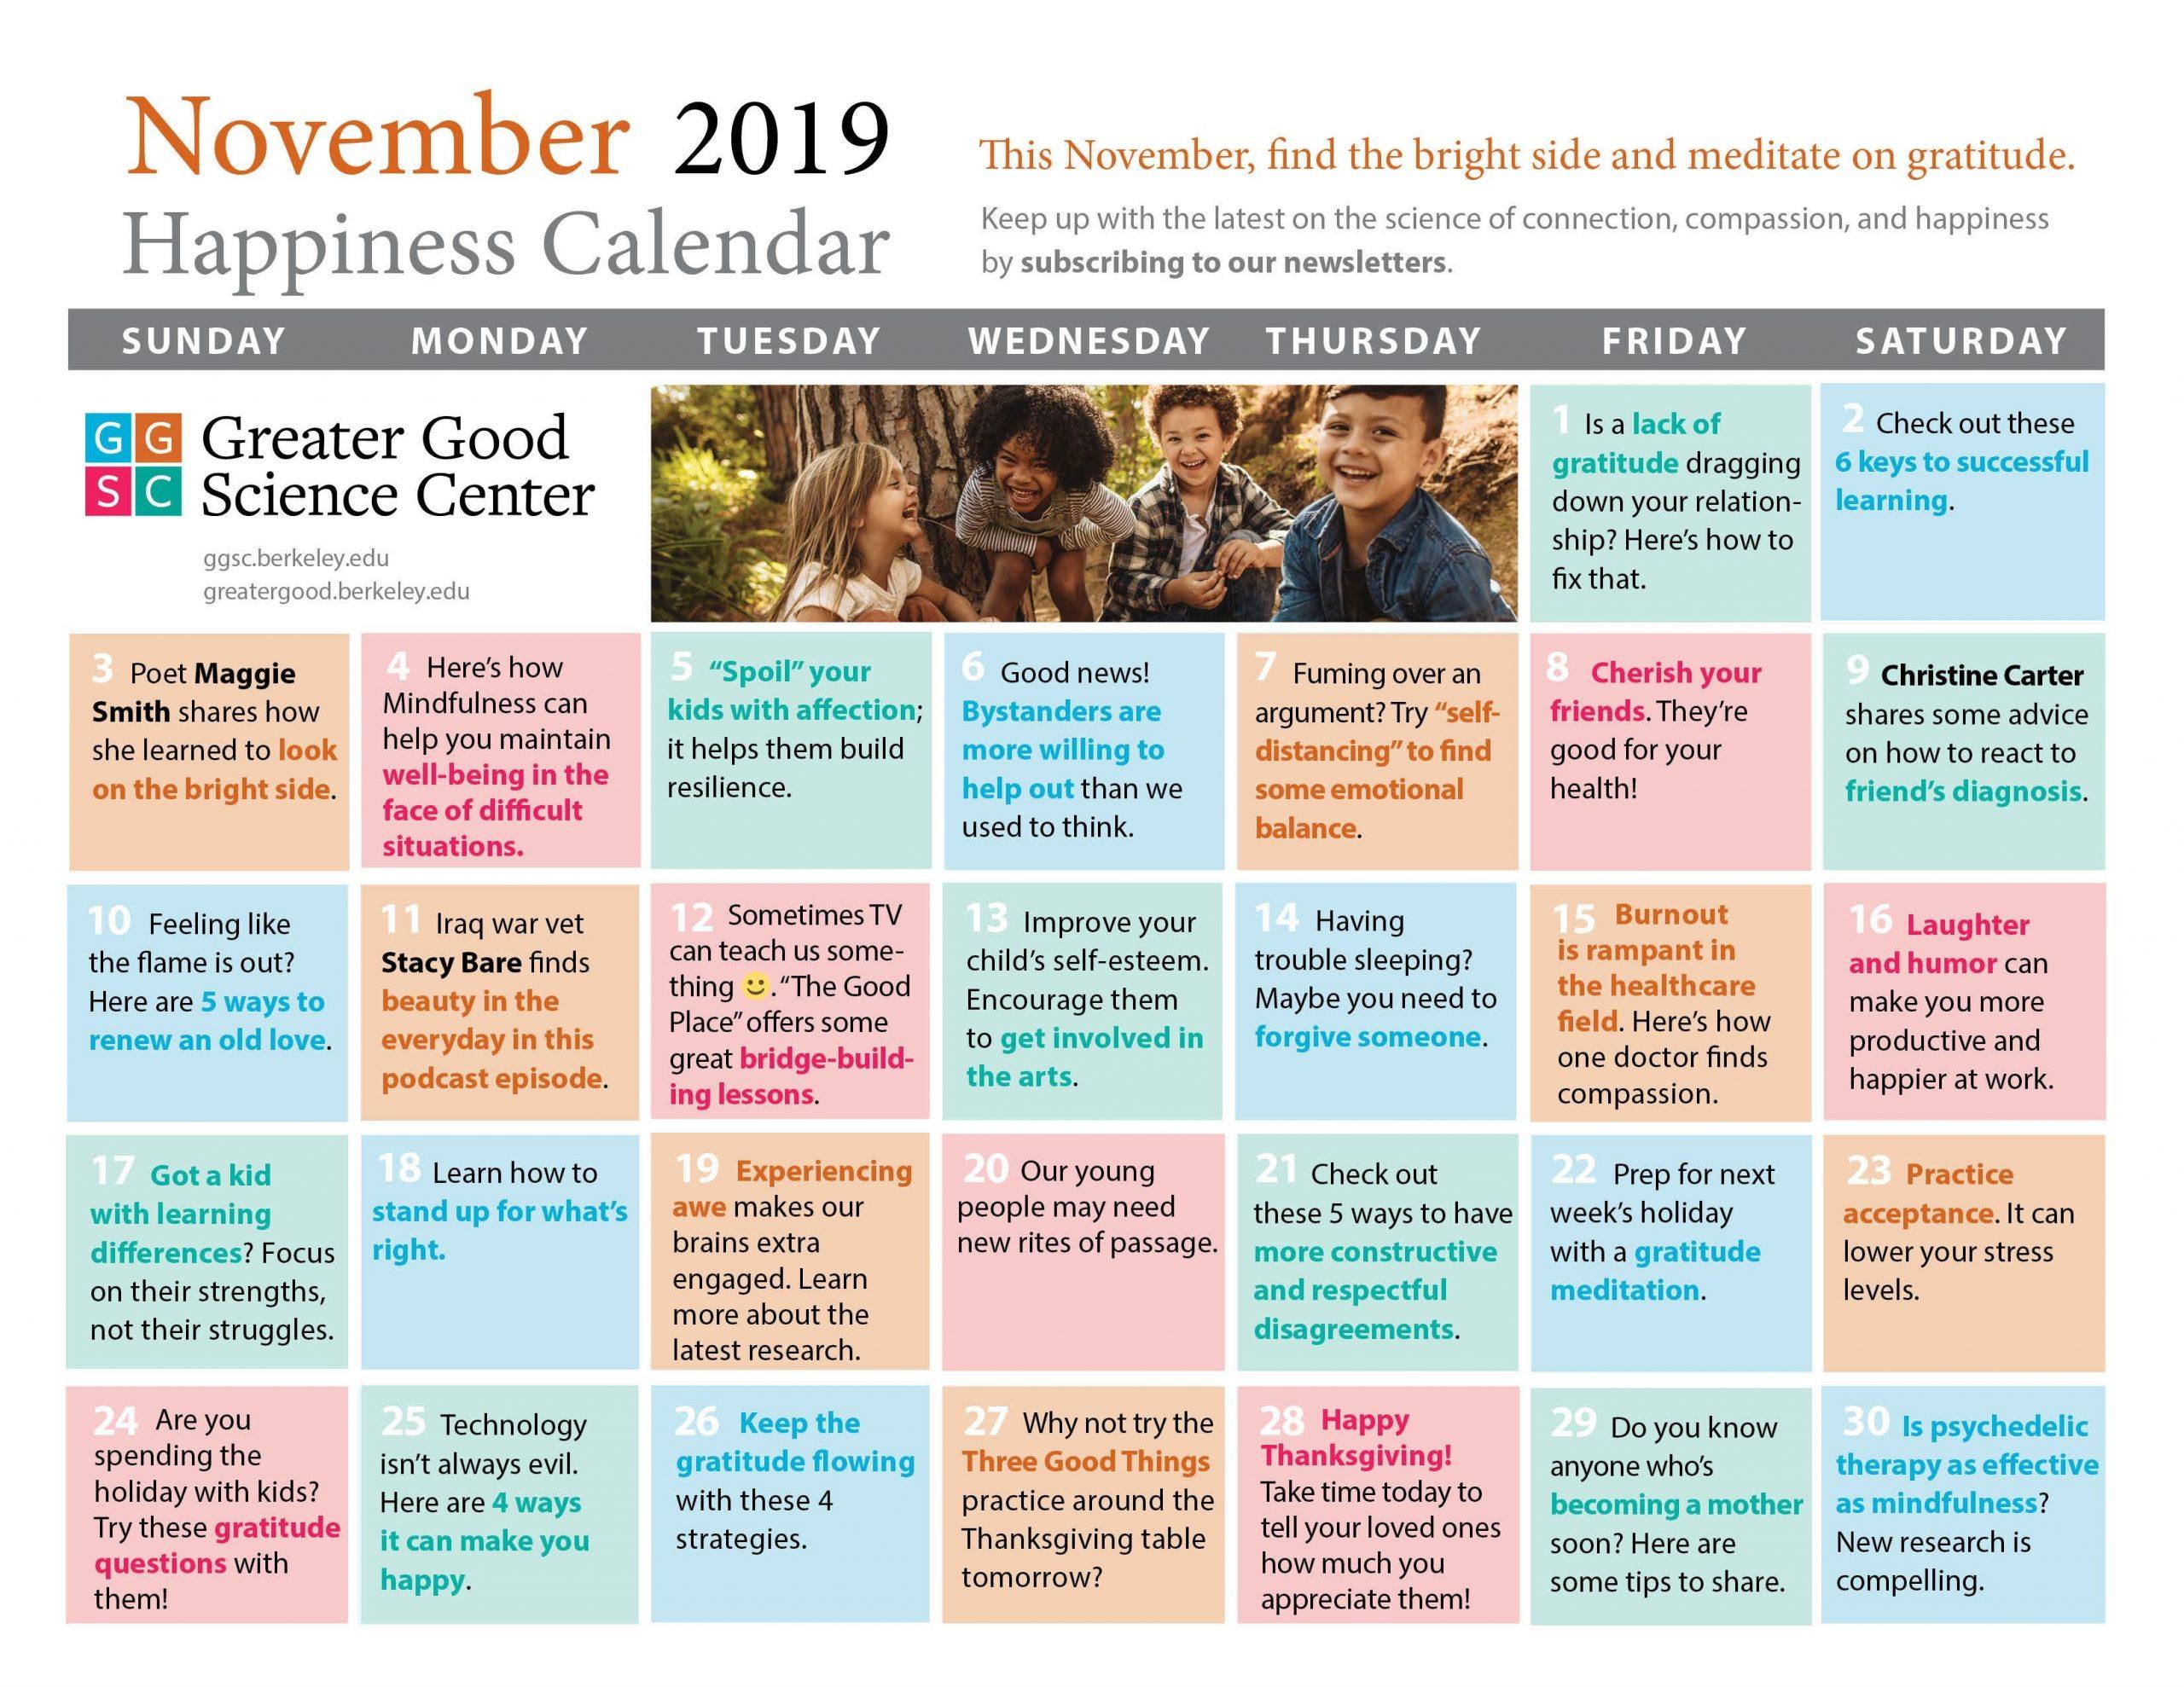 uc berkeley 2020 calendar | calendar for planning